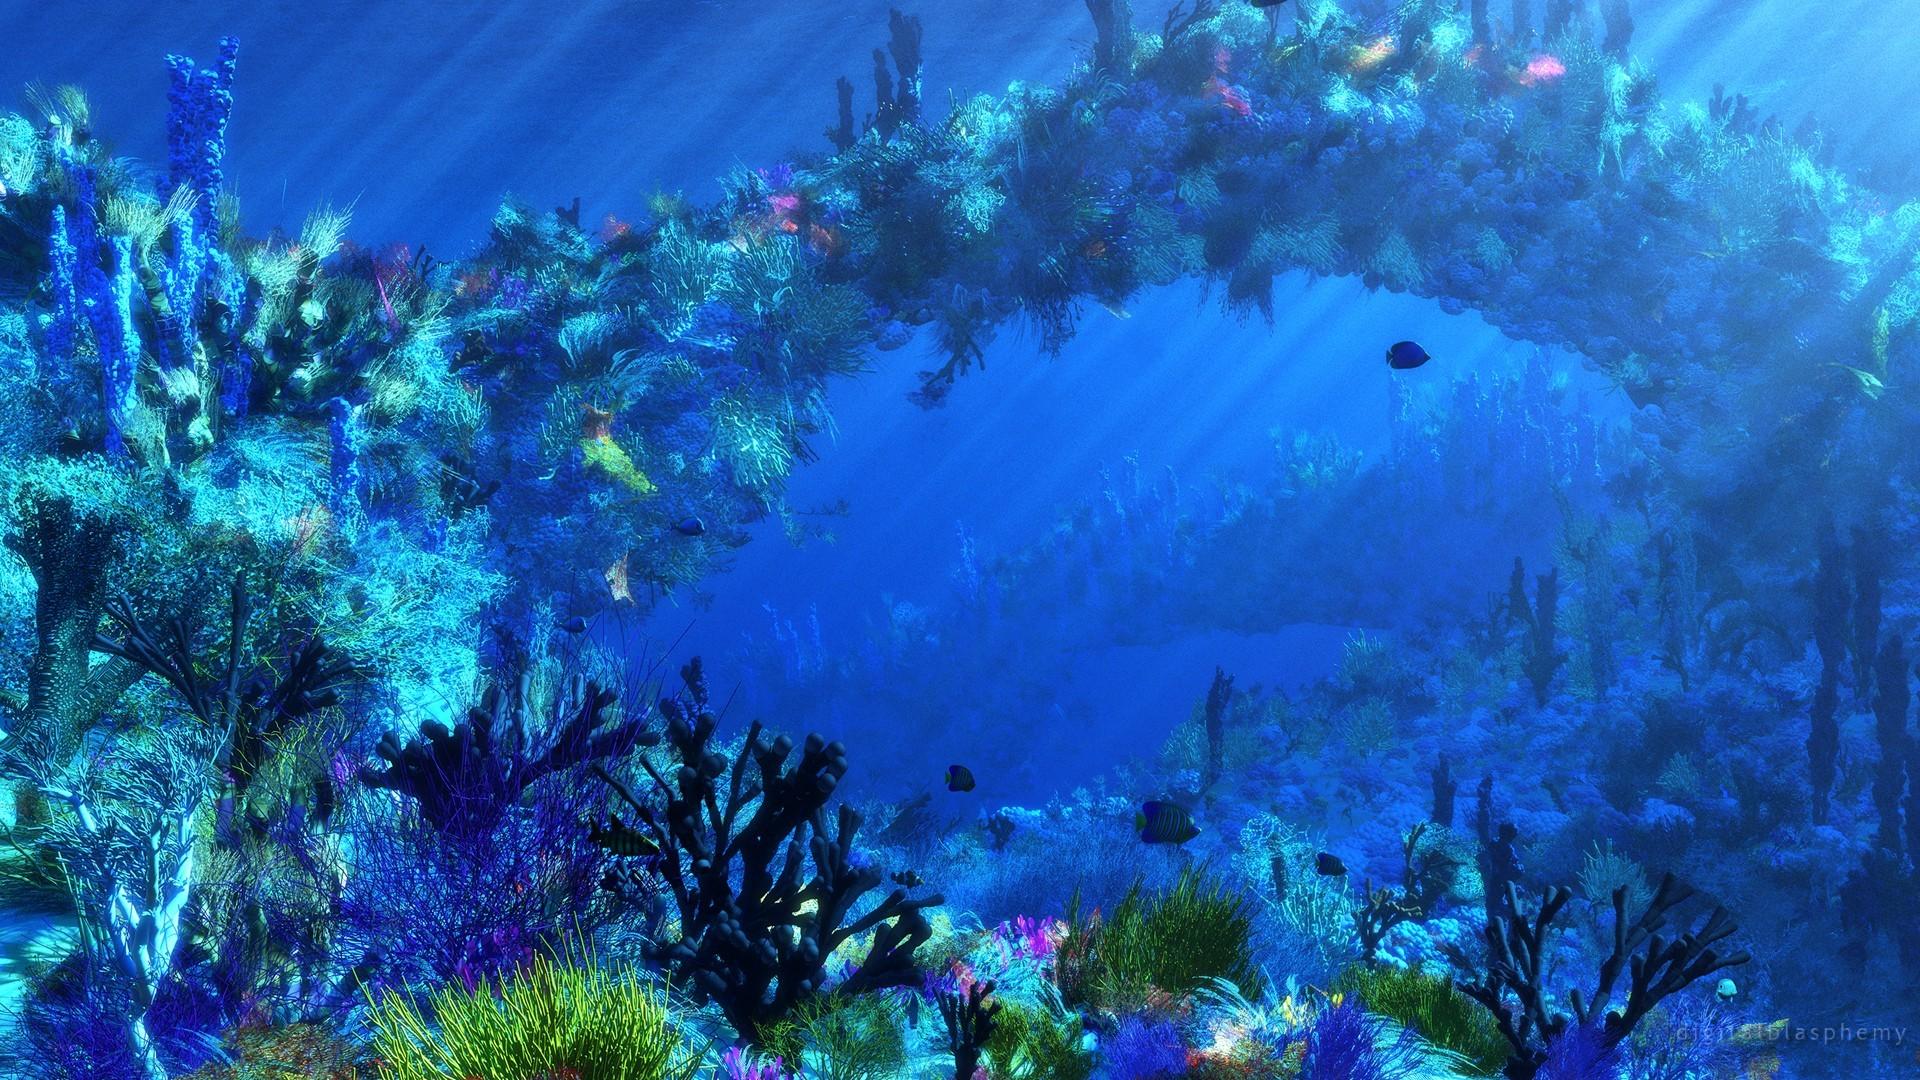 Underwater Backgrounds (66+ images) Pacific Ocean Underwater Animals